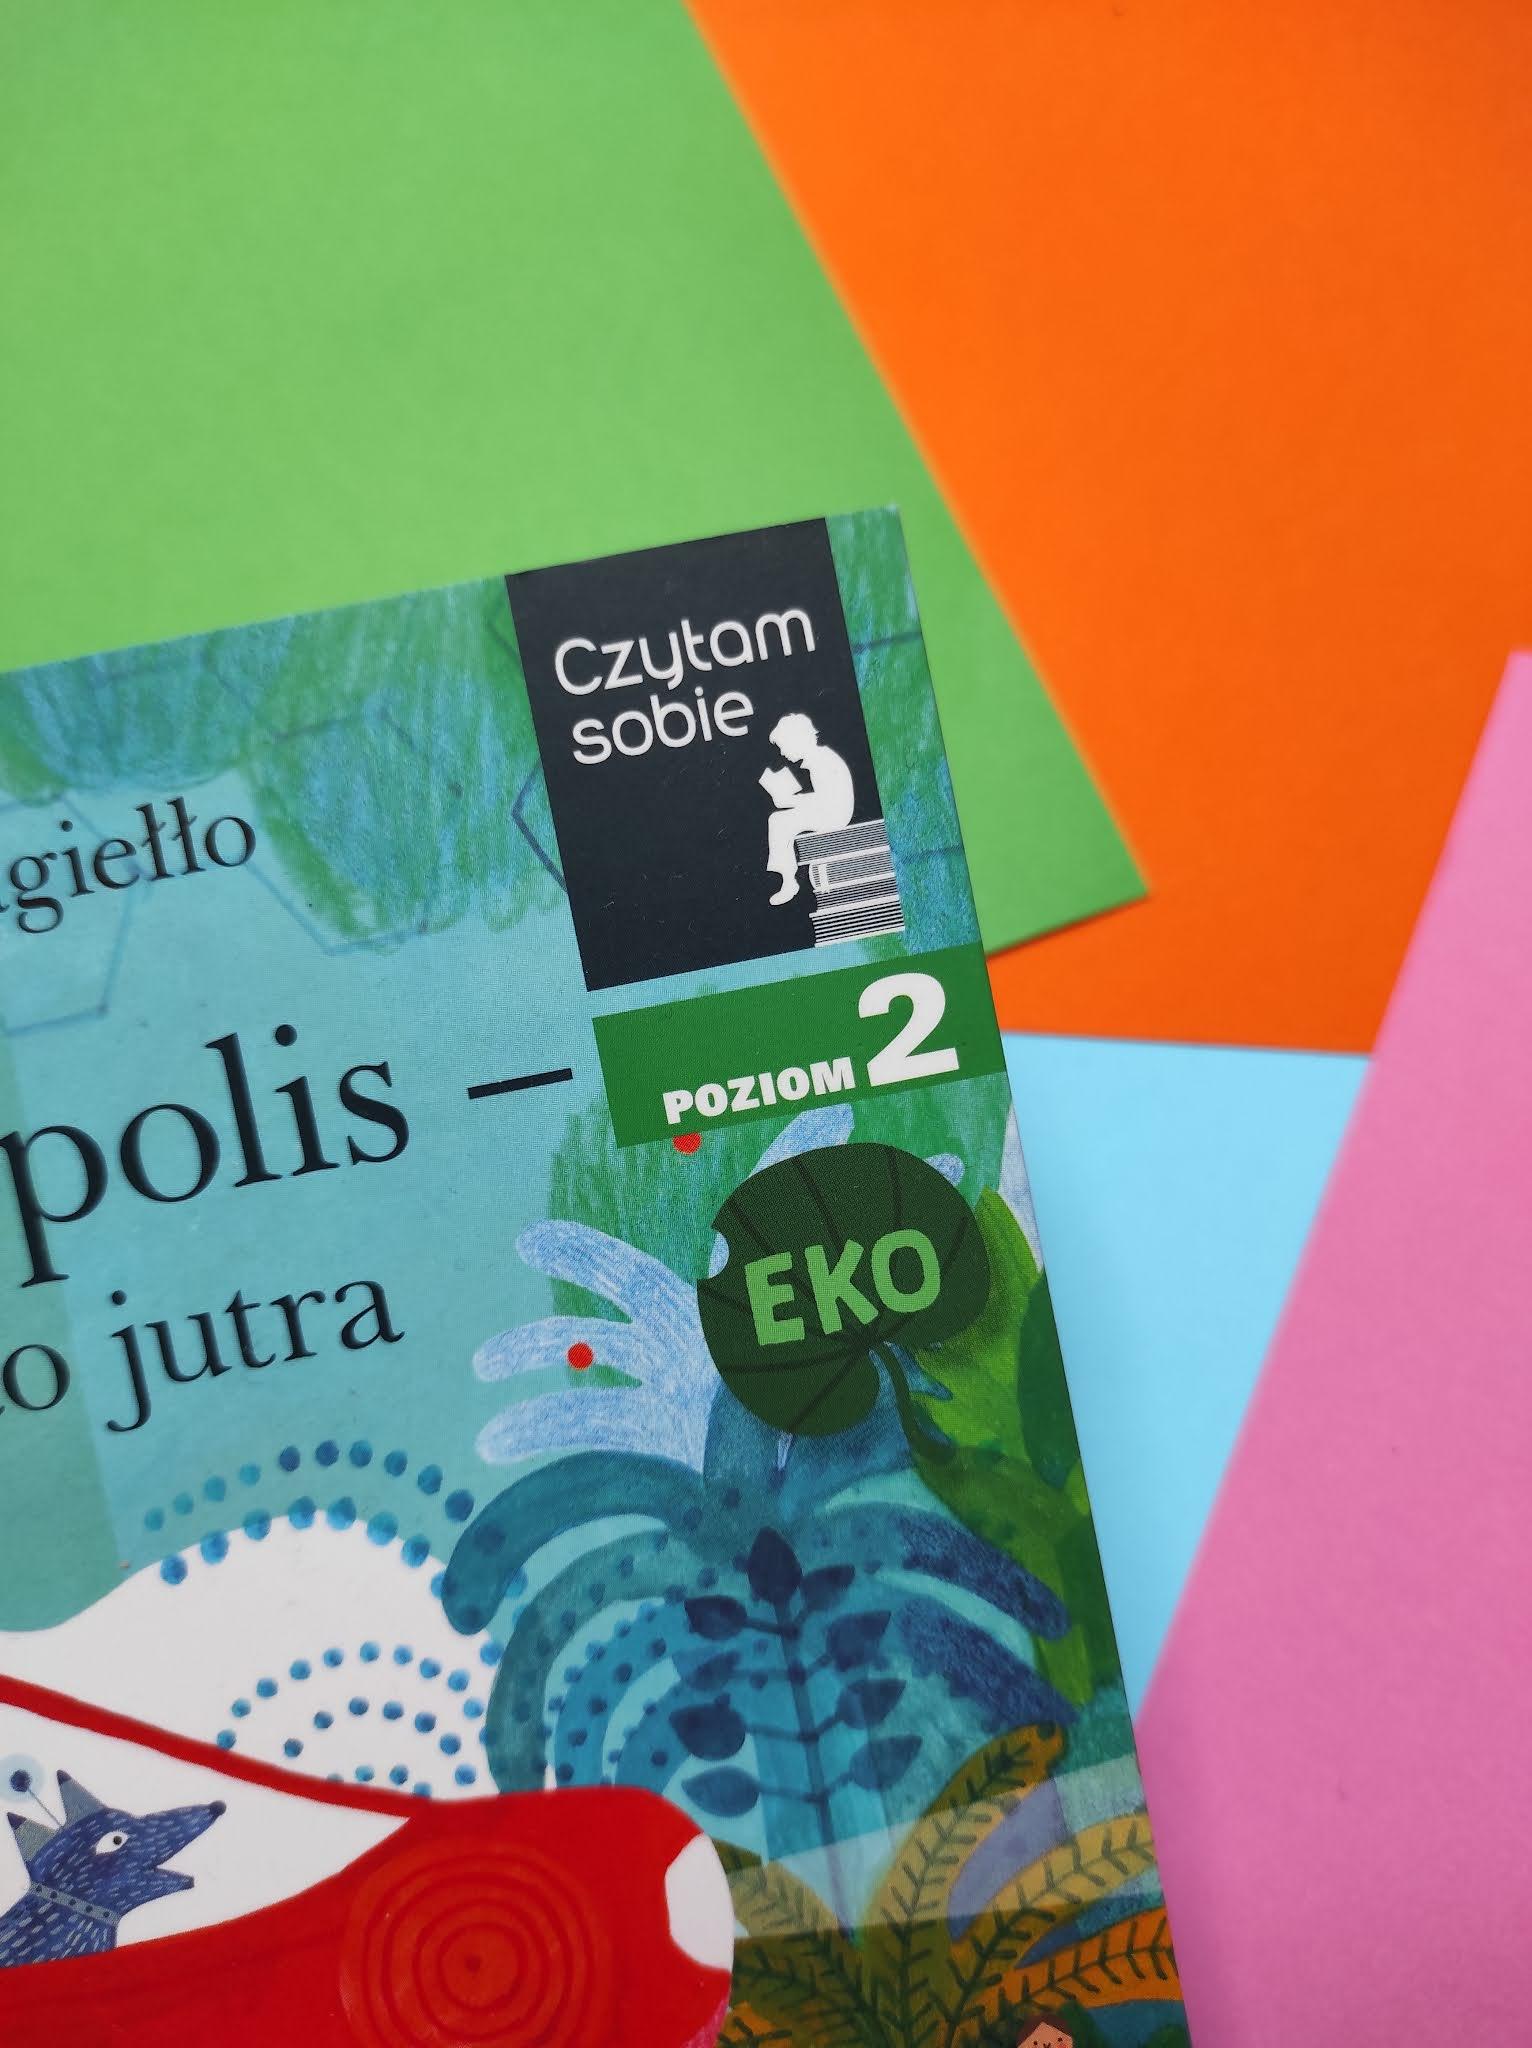 """Czytam sobie EKO Poziom 2 """" Futuropolis - miasto jutra"""" Joanna Jagiełło"""